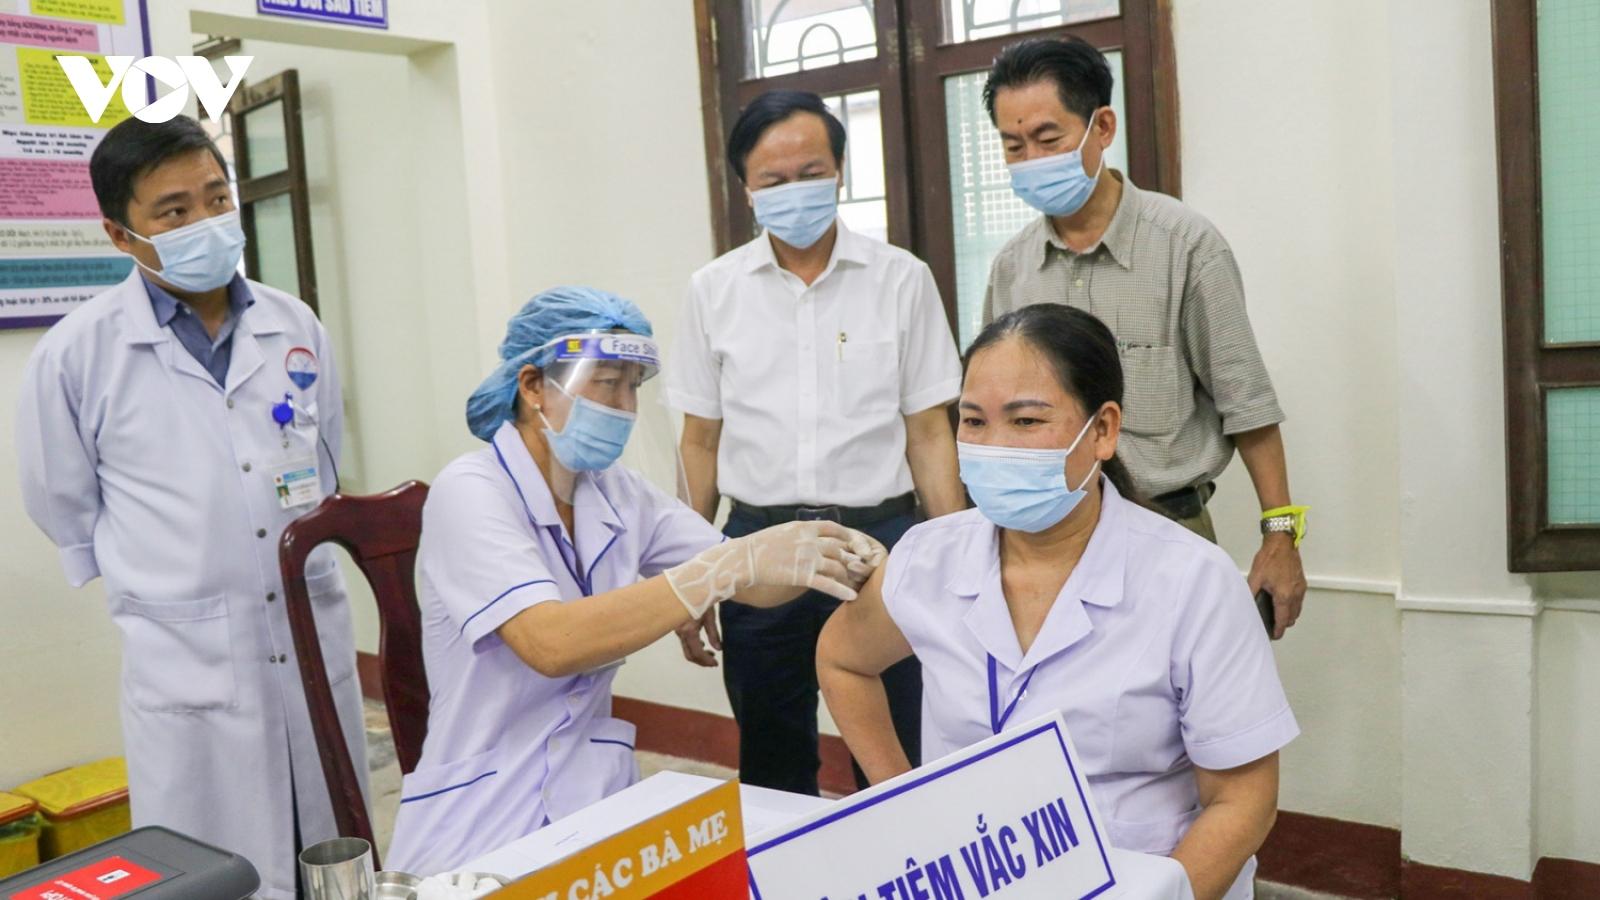 Quảng Trị ưu tiên tiêm vaccinephòng Covid-19cho cán bộ, giáo viên vùng nguy cơ cao